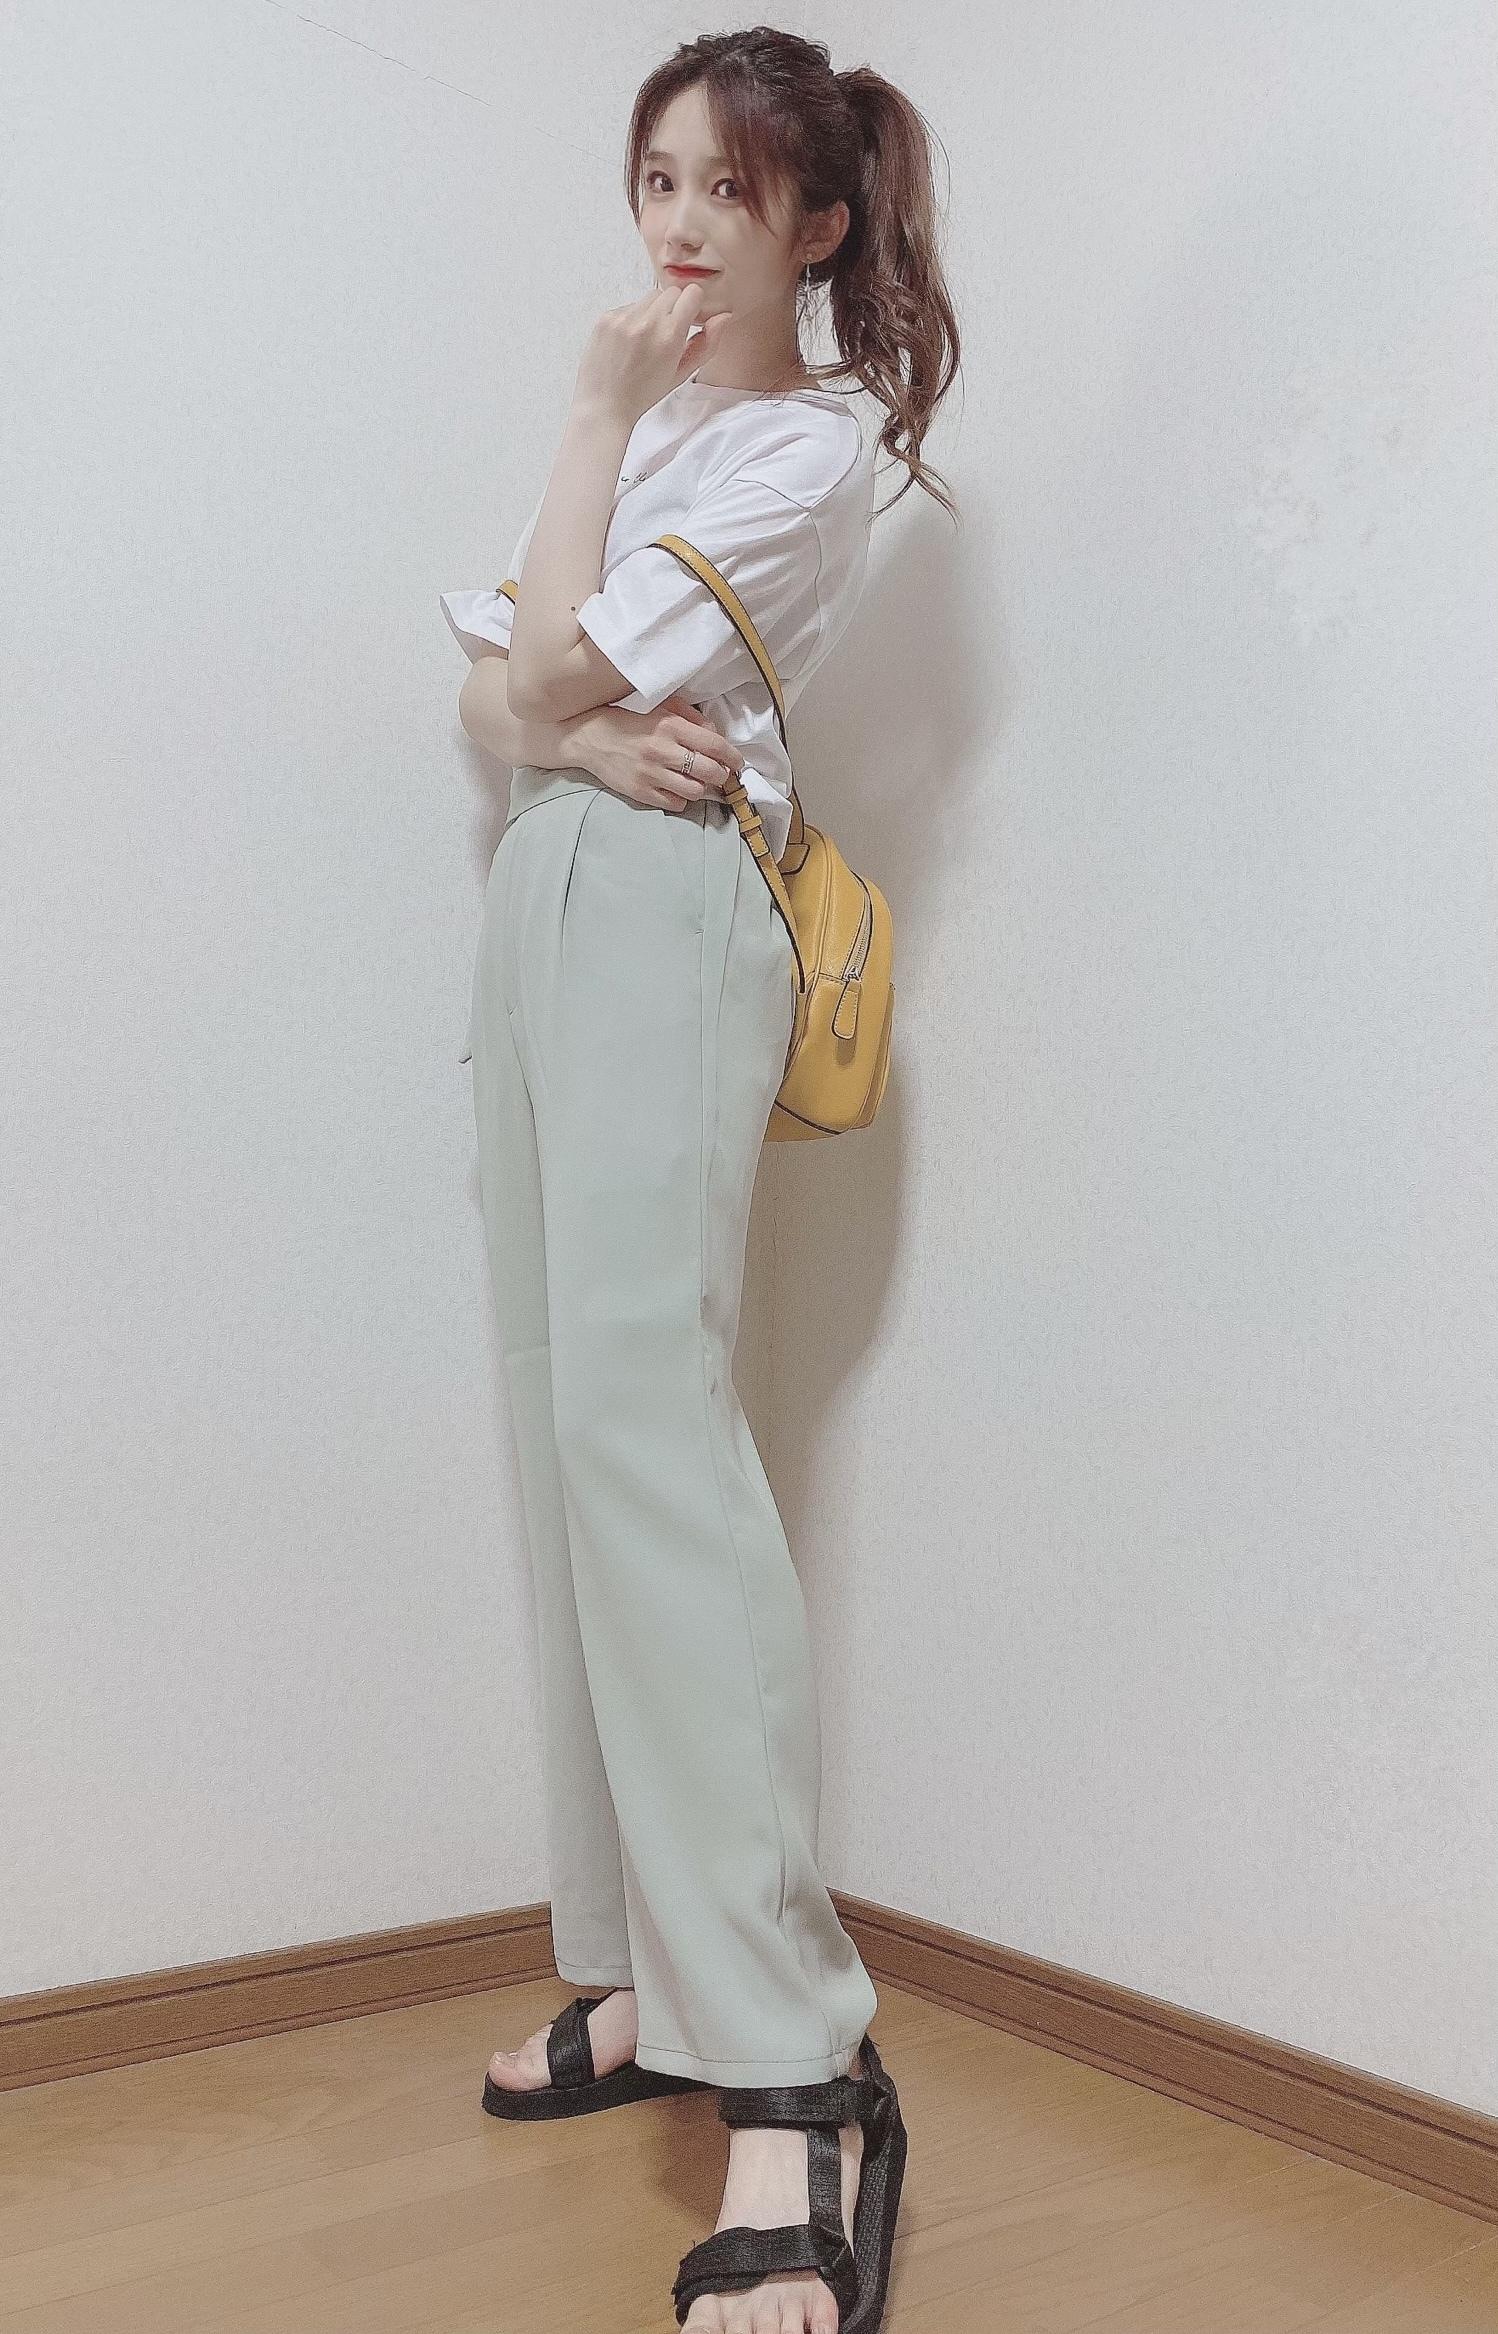 【GU】プチプラ春夏服が可愛いすぎる♡_1_4